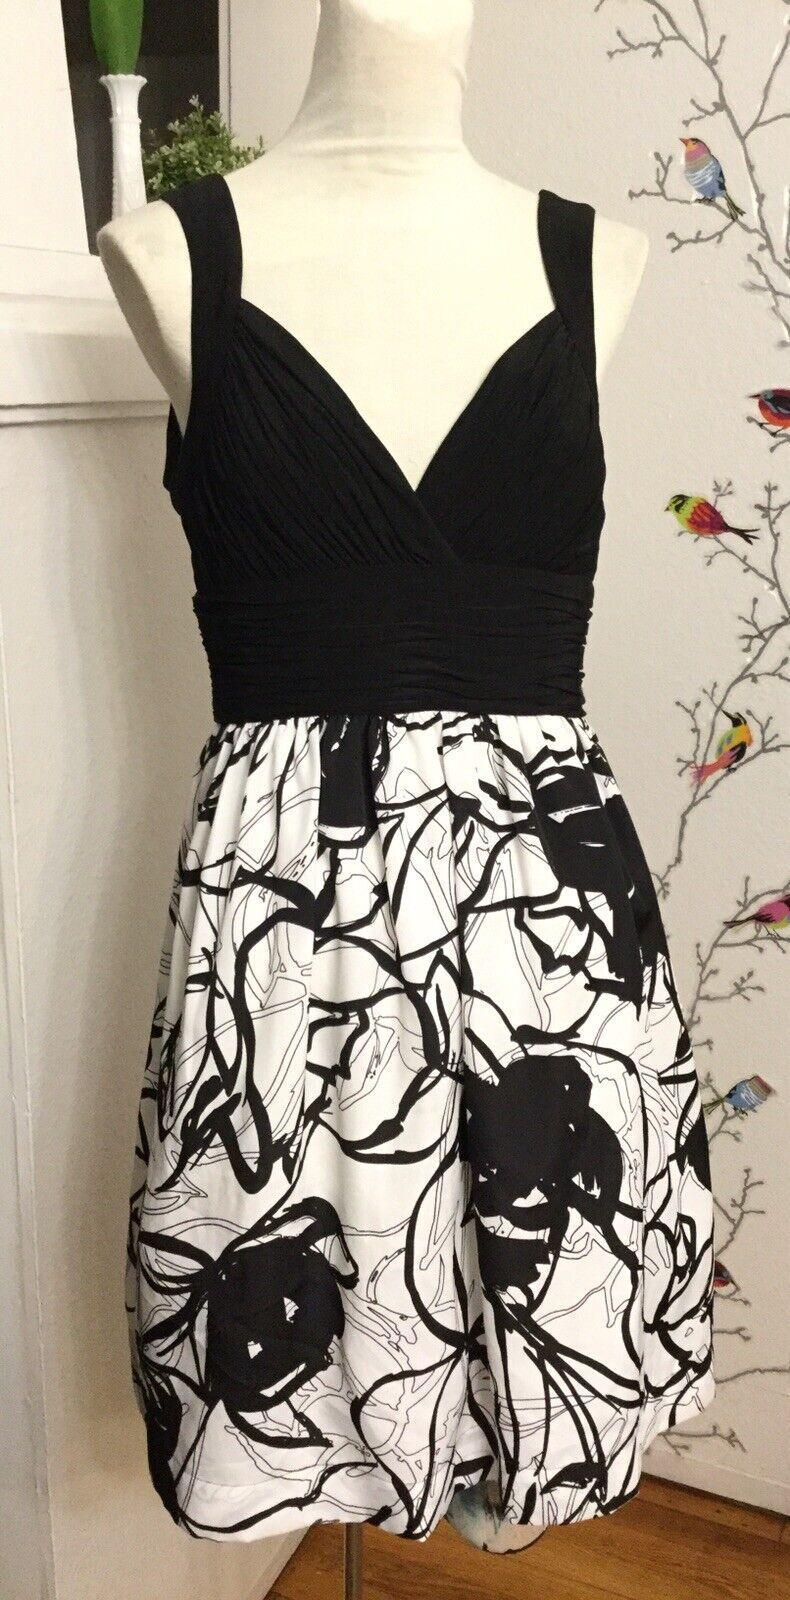 MAX AND CLEO BCBG Cocktail Dress, Weiß & schwarz, Sleeveless Sz. 4